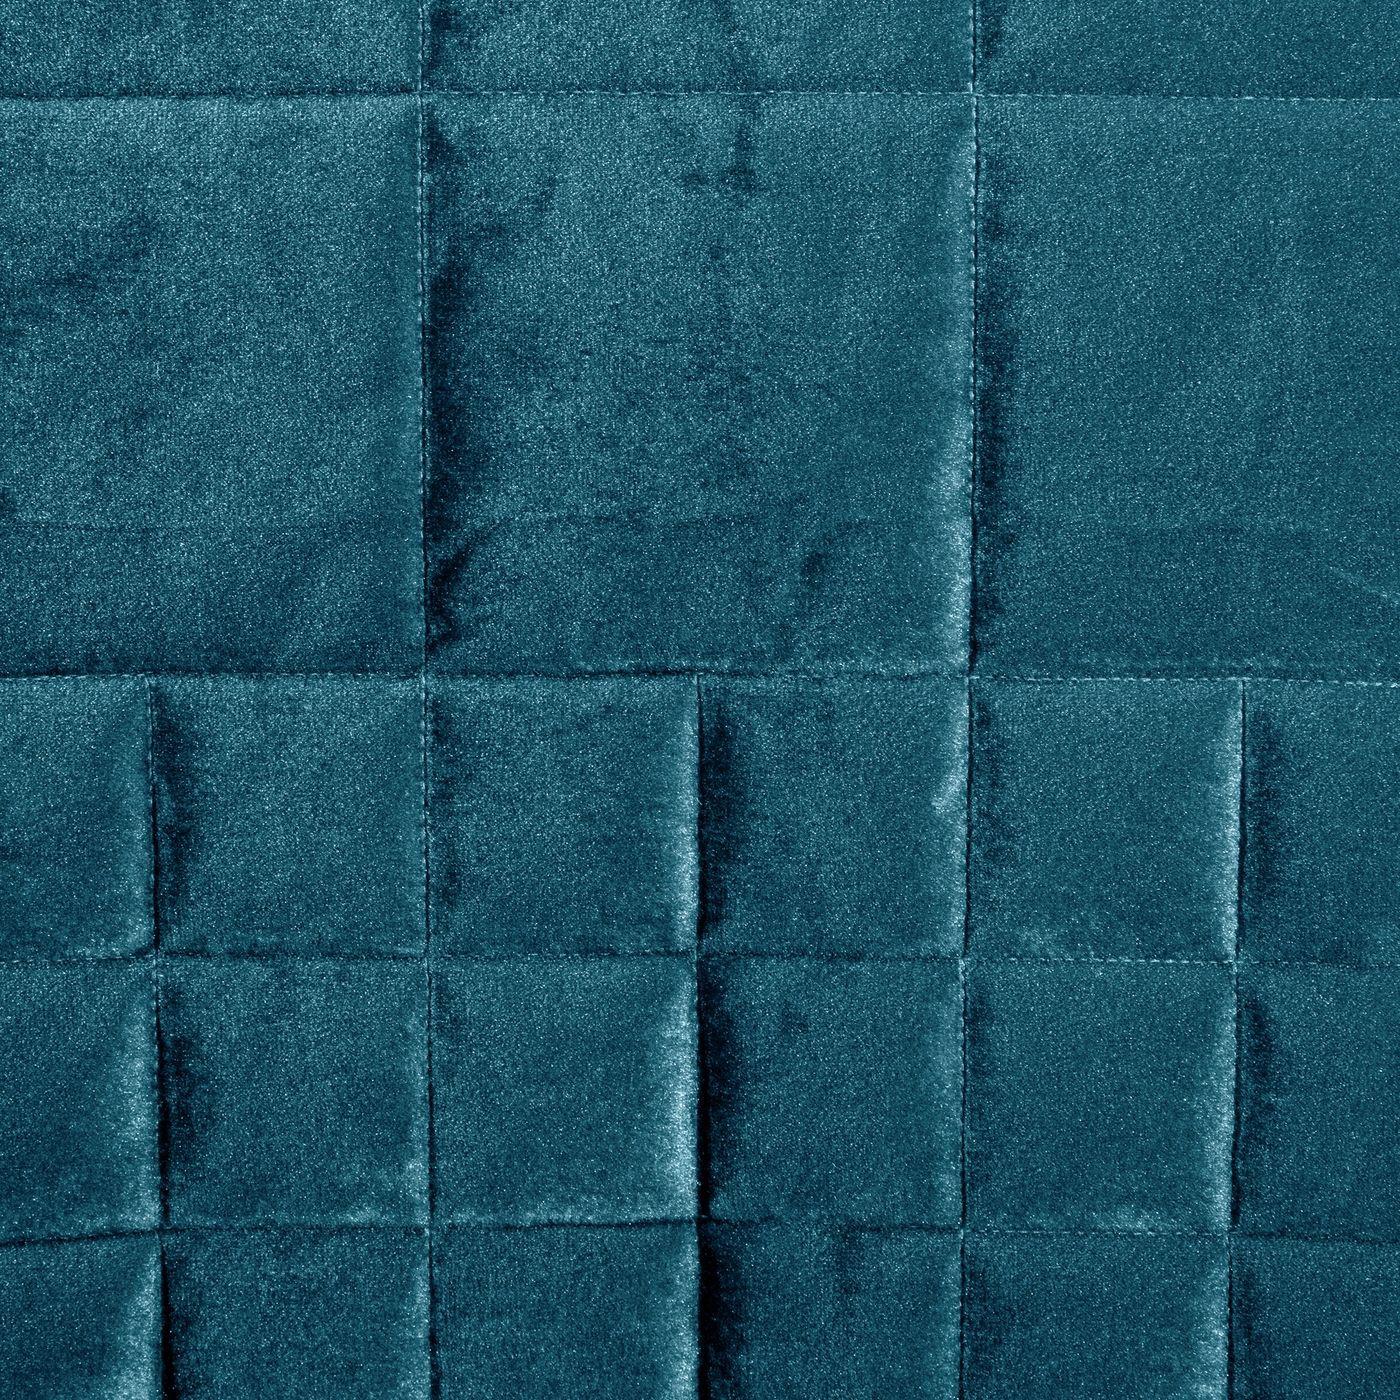 Pikowana narzuta do sypialni - mój wybór Eva Minge - turkusowa 220x240 cm